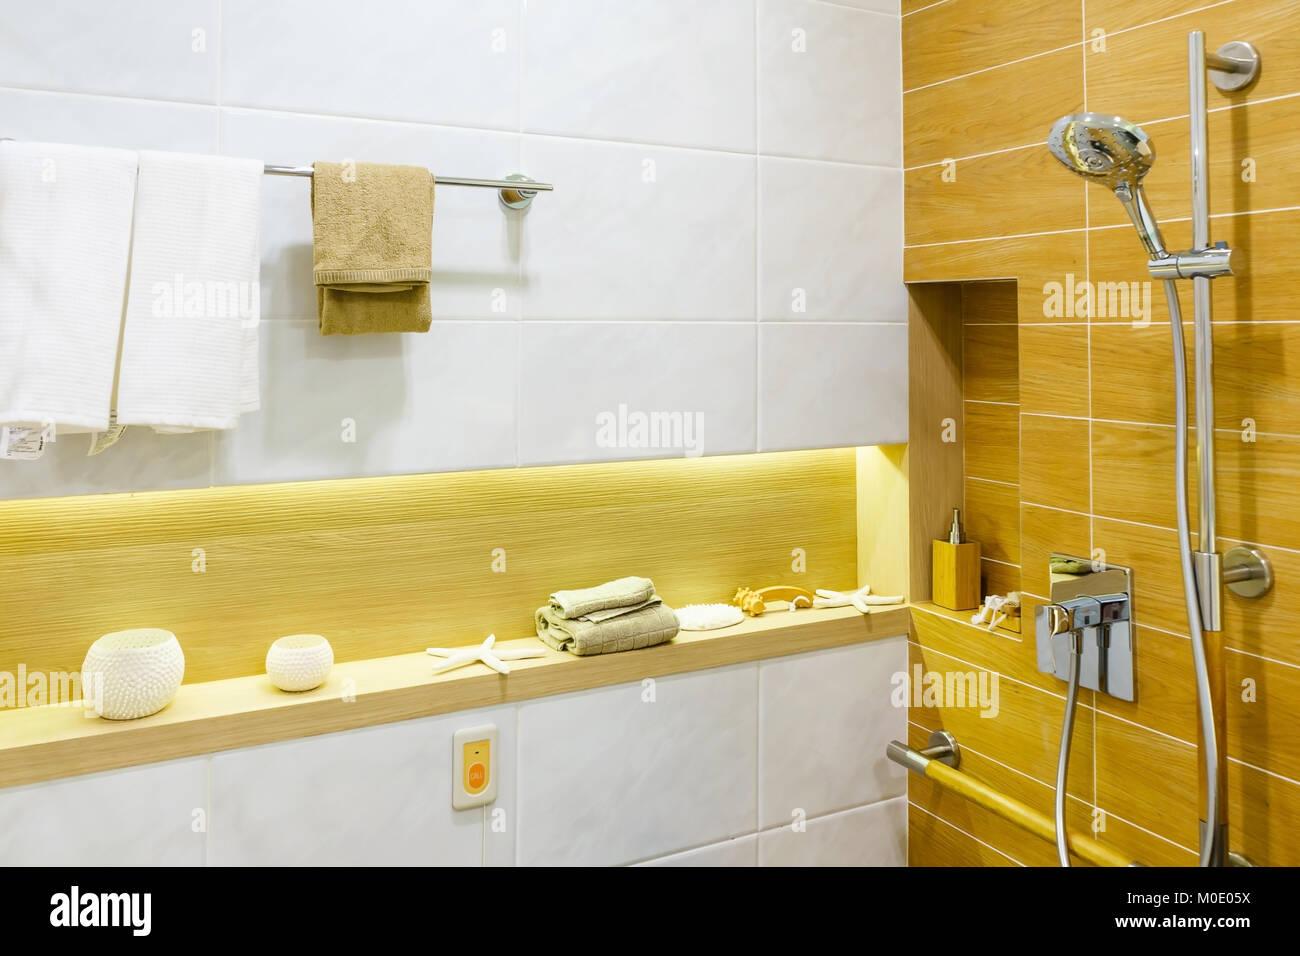 Interieur des Badezimmers für Behinderten oder älteren Menschen ...